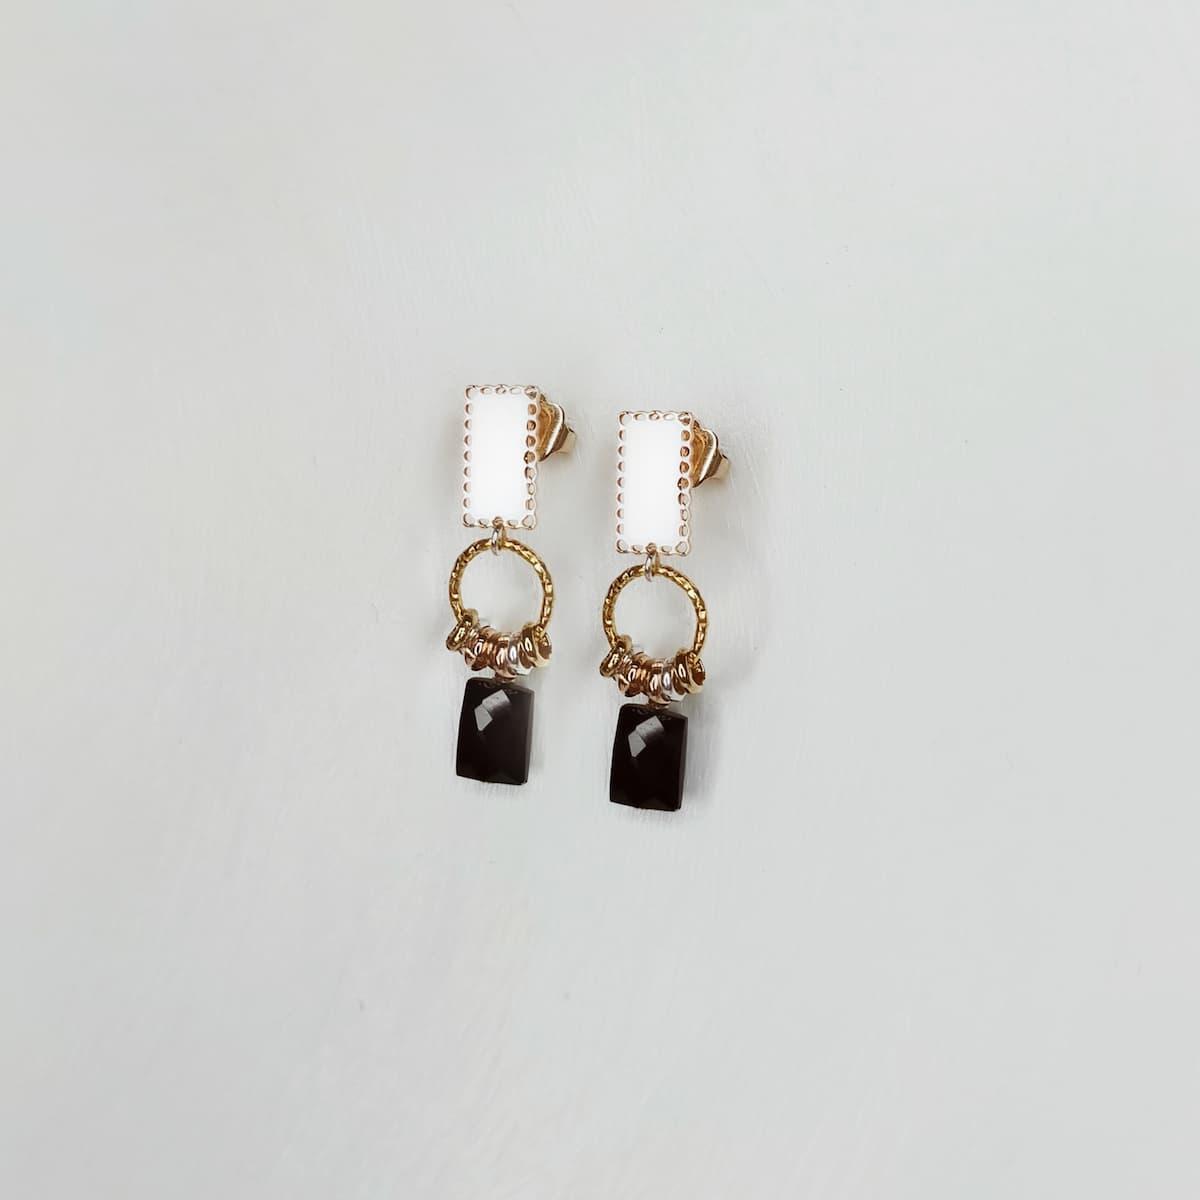 Boucles d'oreilles «Dentelle rectangle» plaquées or et pierre Onyx